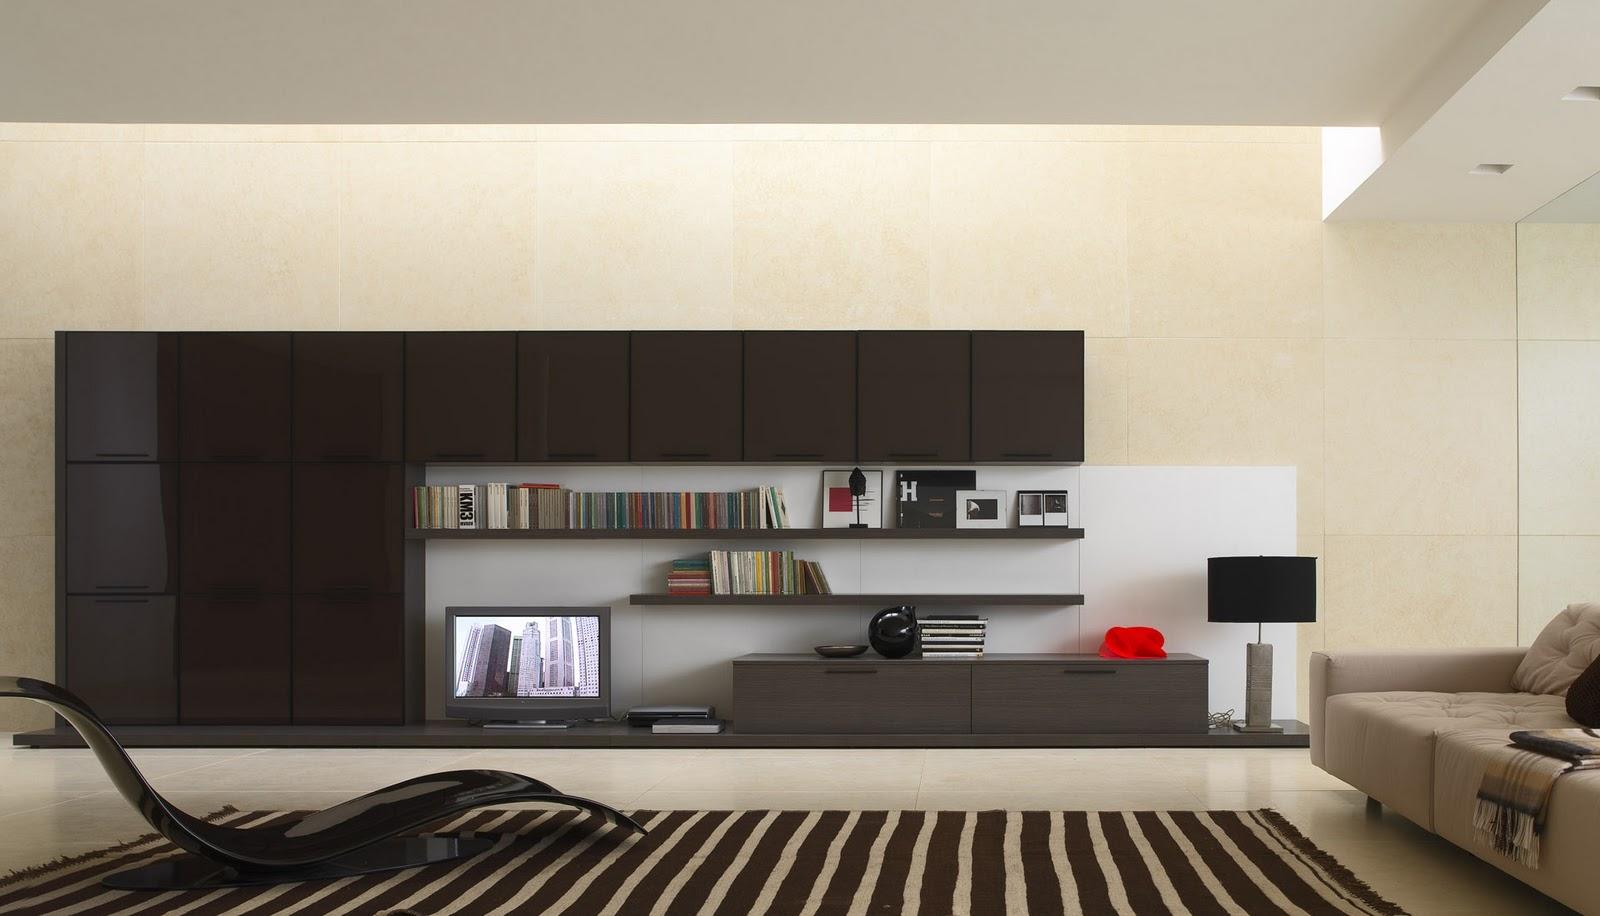 Baja venta de muebles de madera debido a competencia  - galeria de fotos de muebles de melamina